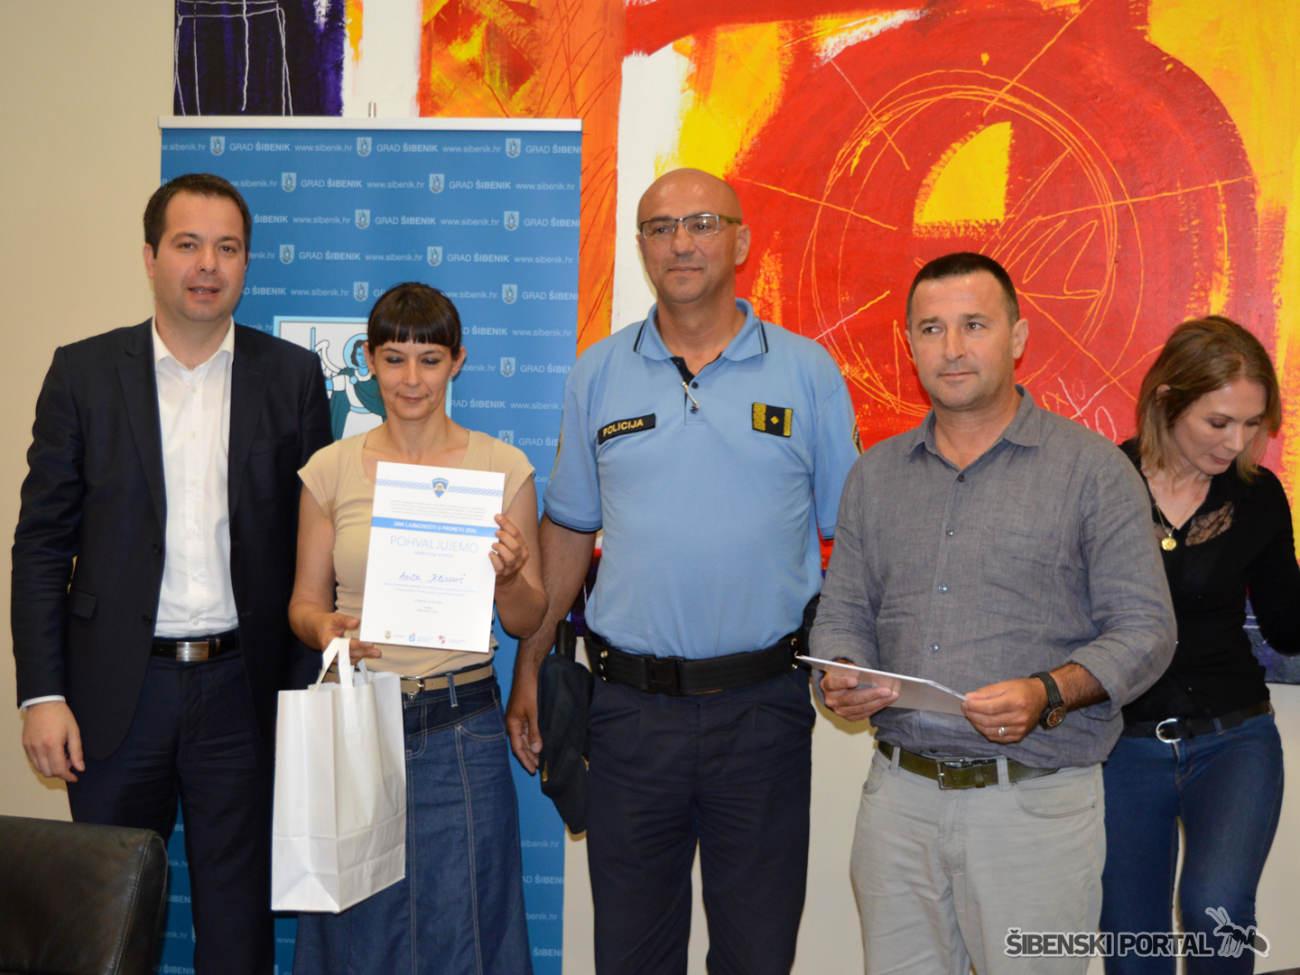 policija dan ljubaznosti nagradeni 020616 7